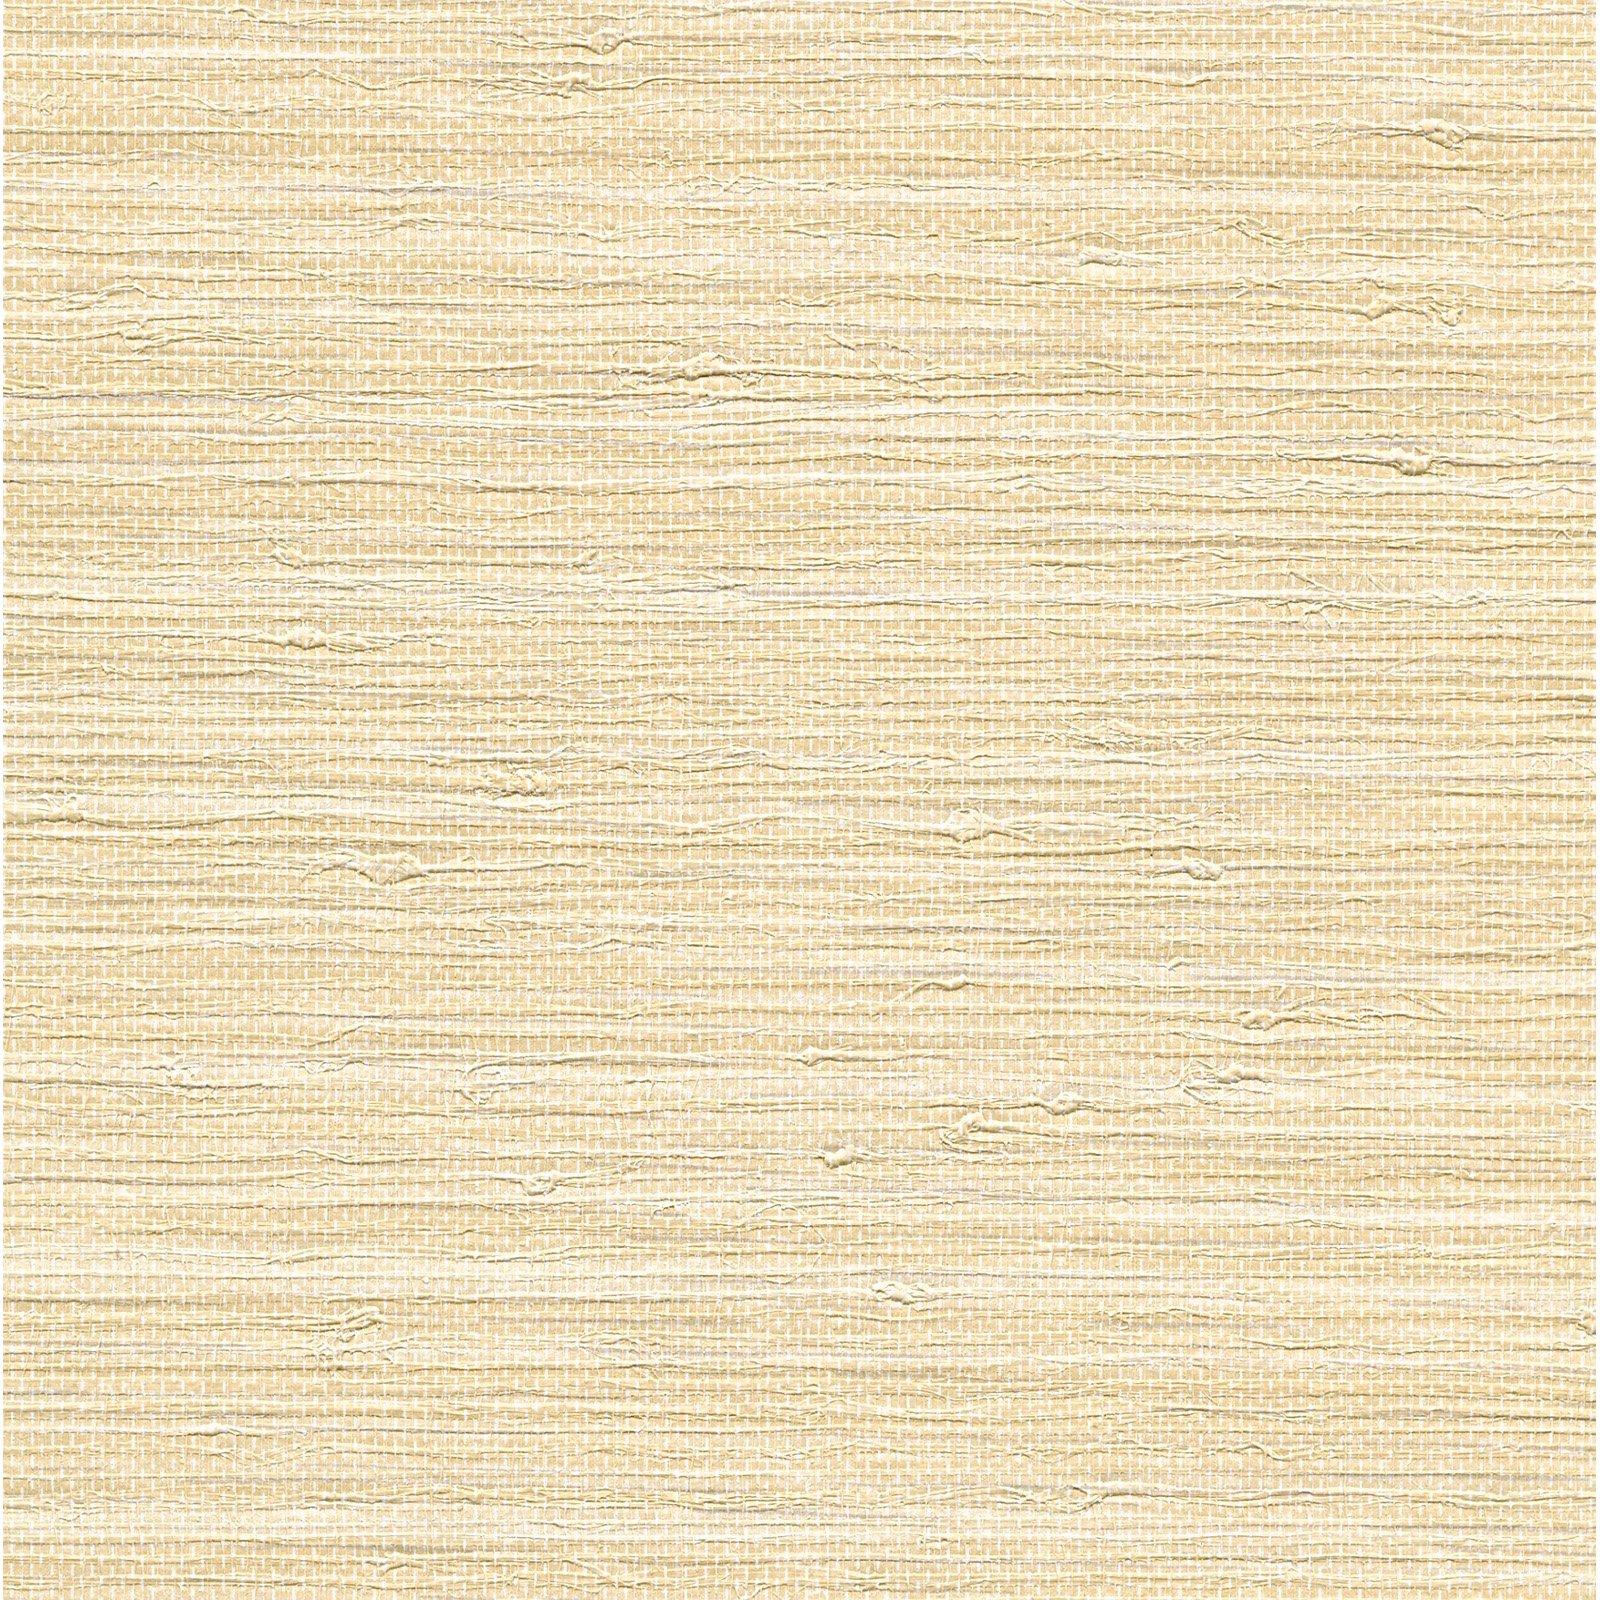 Warner Keisling Faux Grasscloth Wallpaper Birch